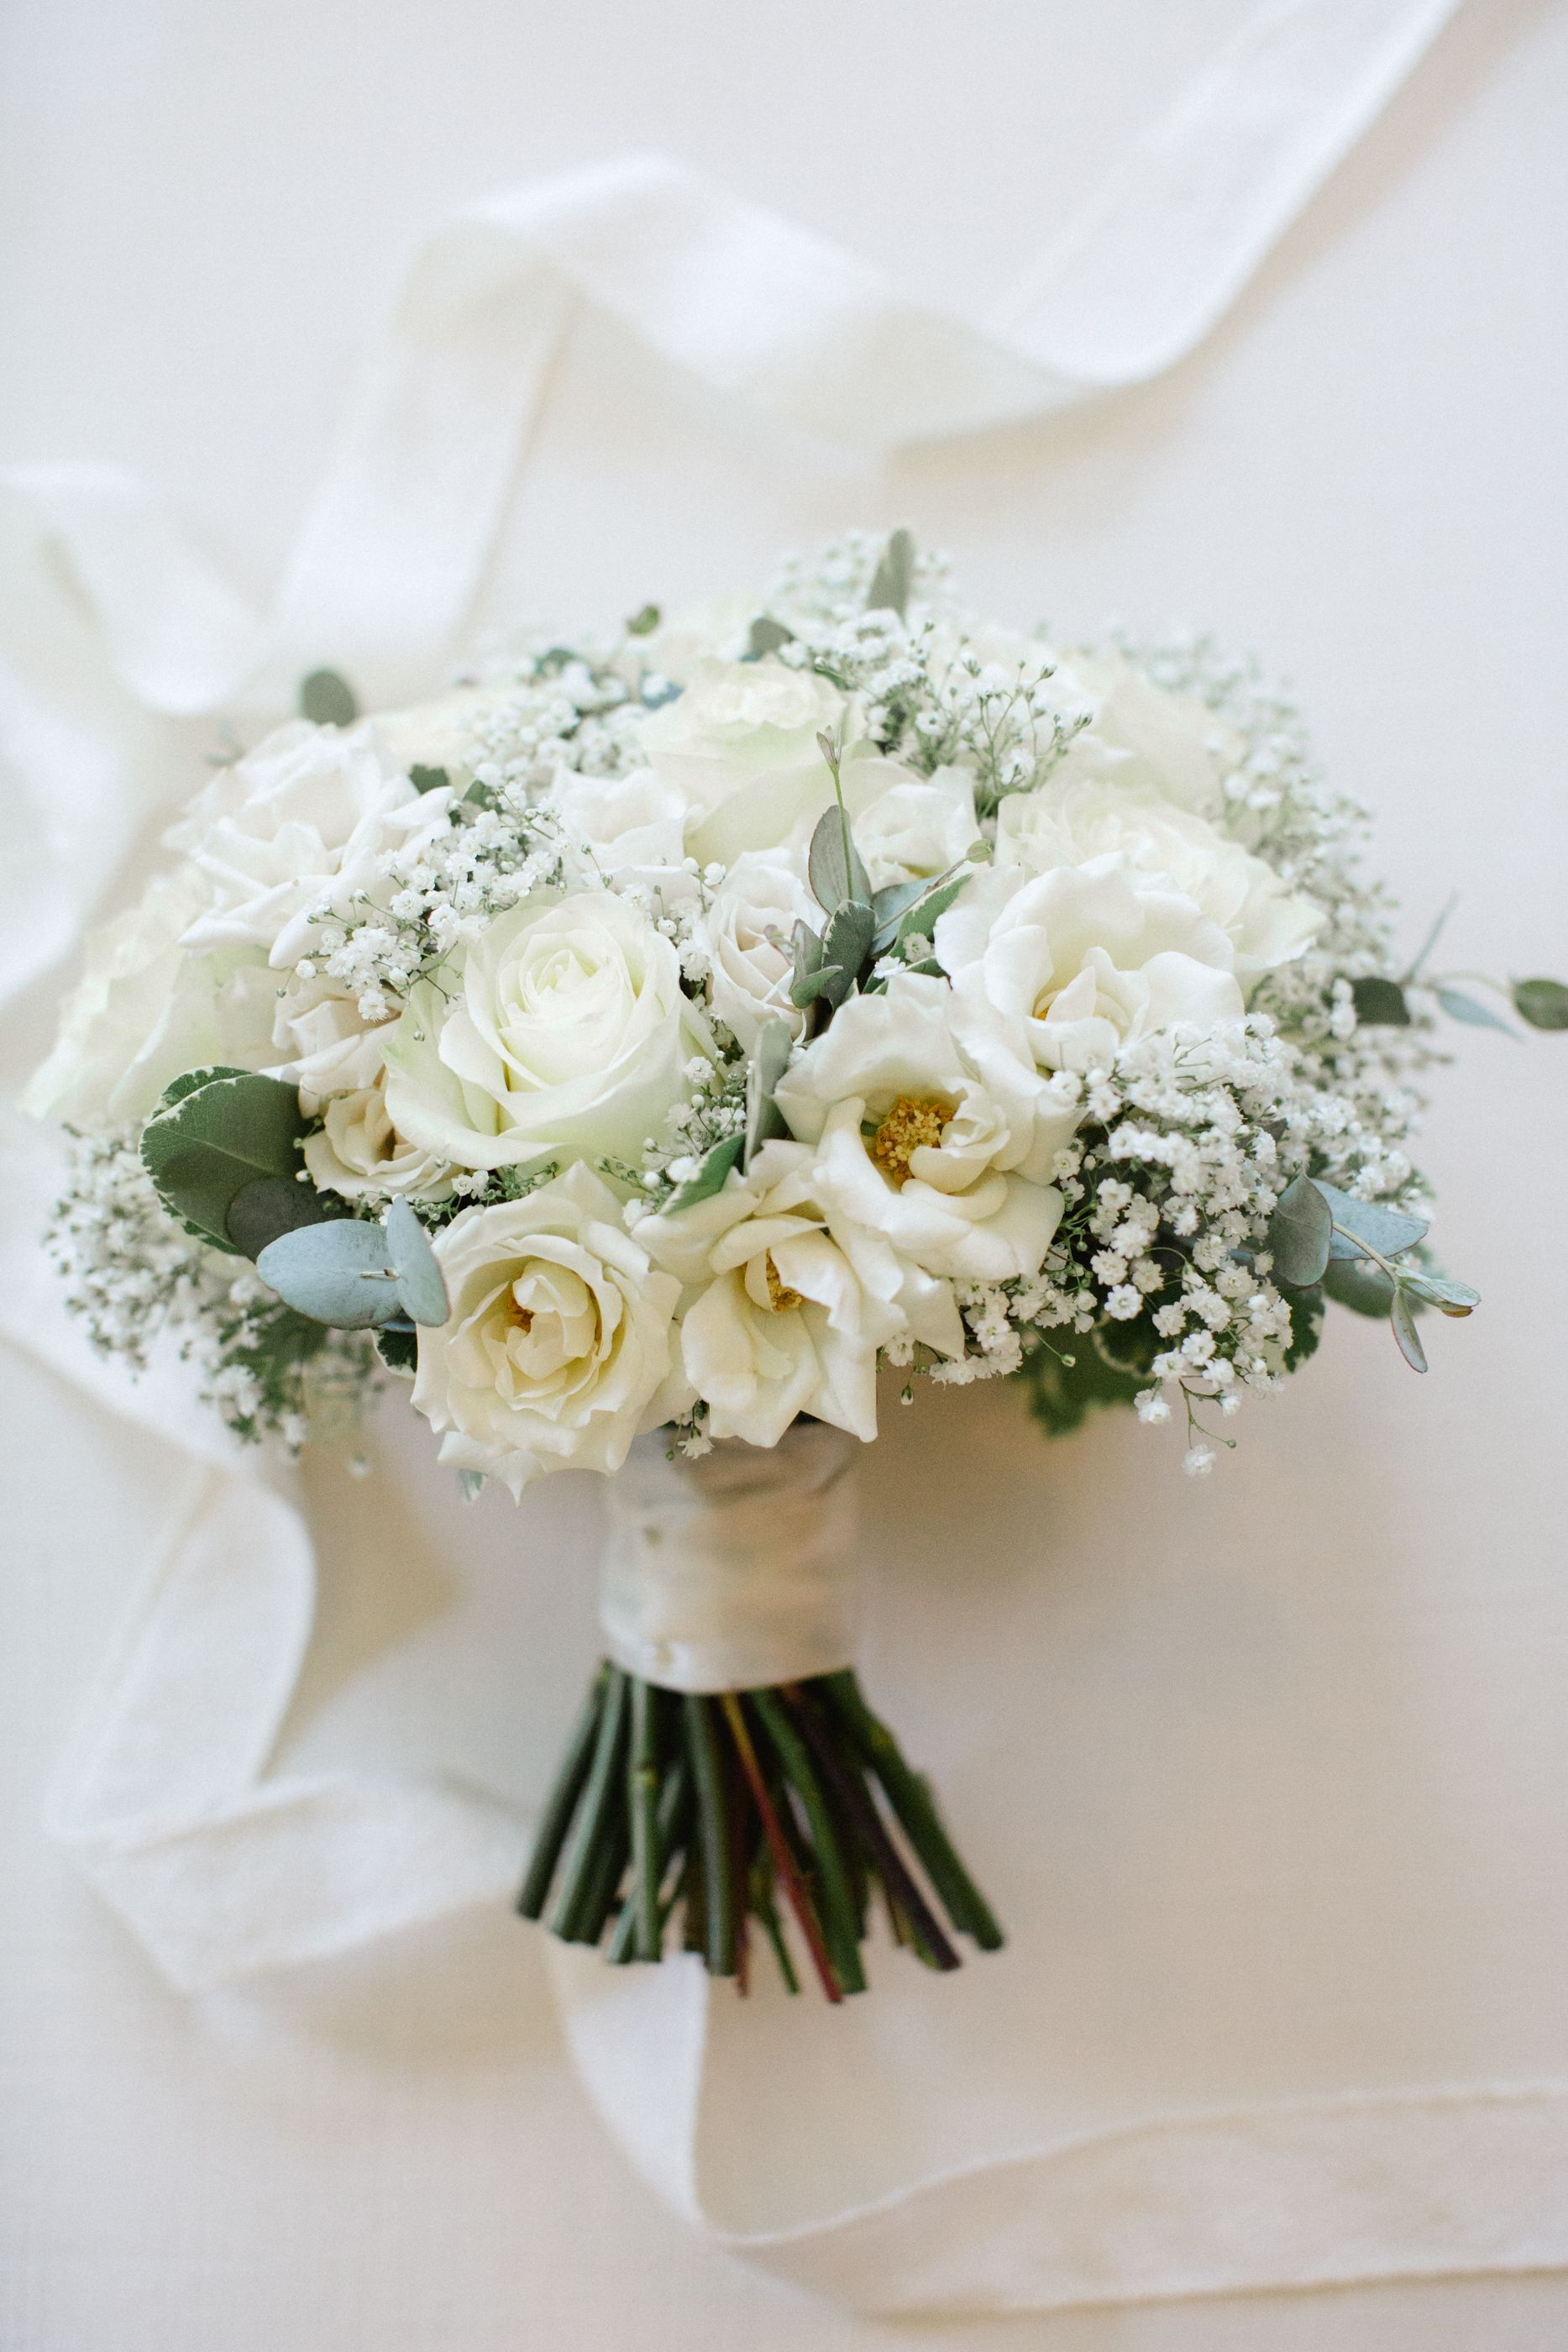 Jordan DeNike Photography l Bridal Bouquet l White Wedding Bouquet